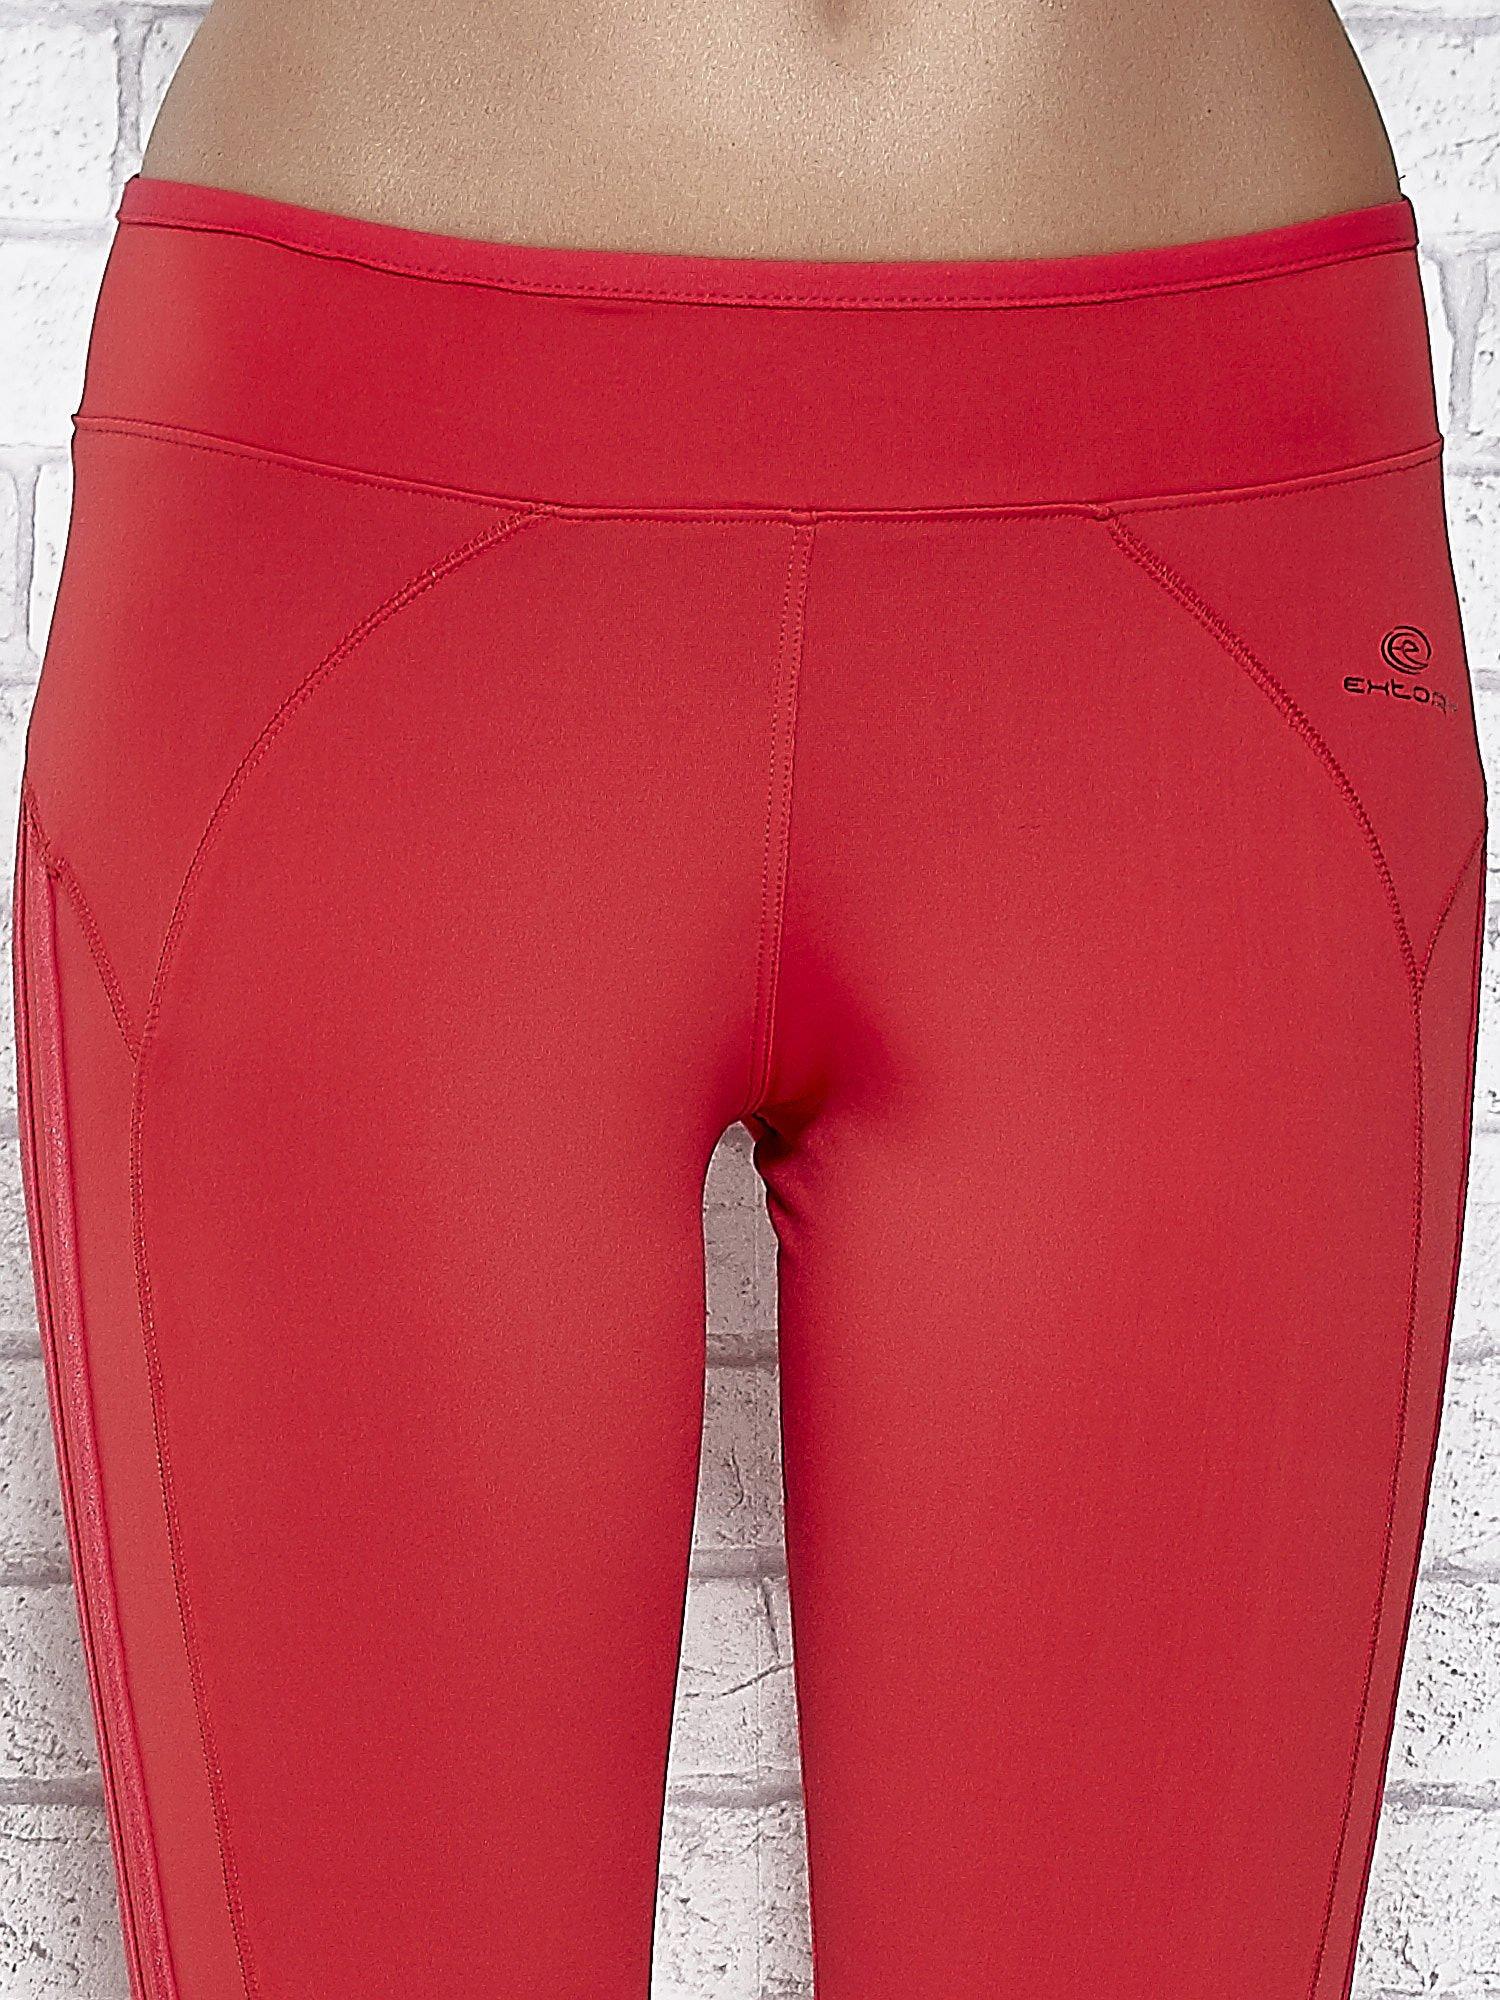 Czerwone legginsy 3/4 sportowe termalne z lampasami                                  zdj.                                  4